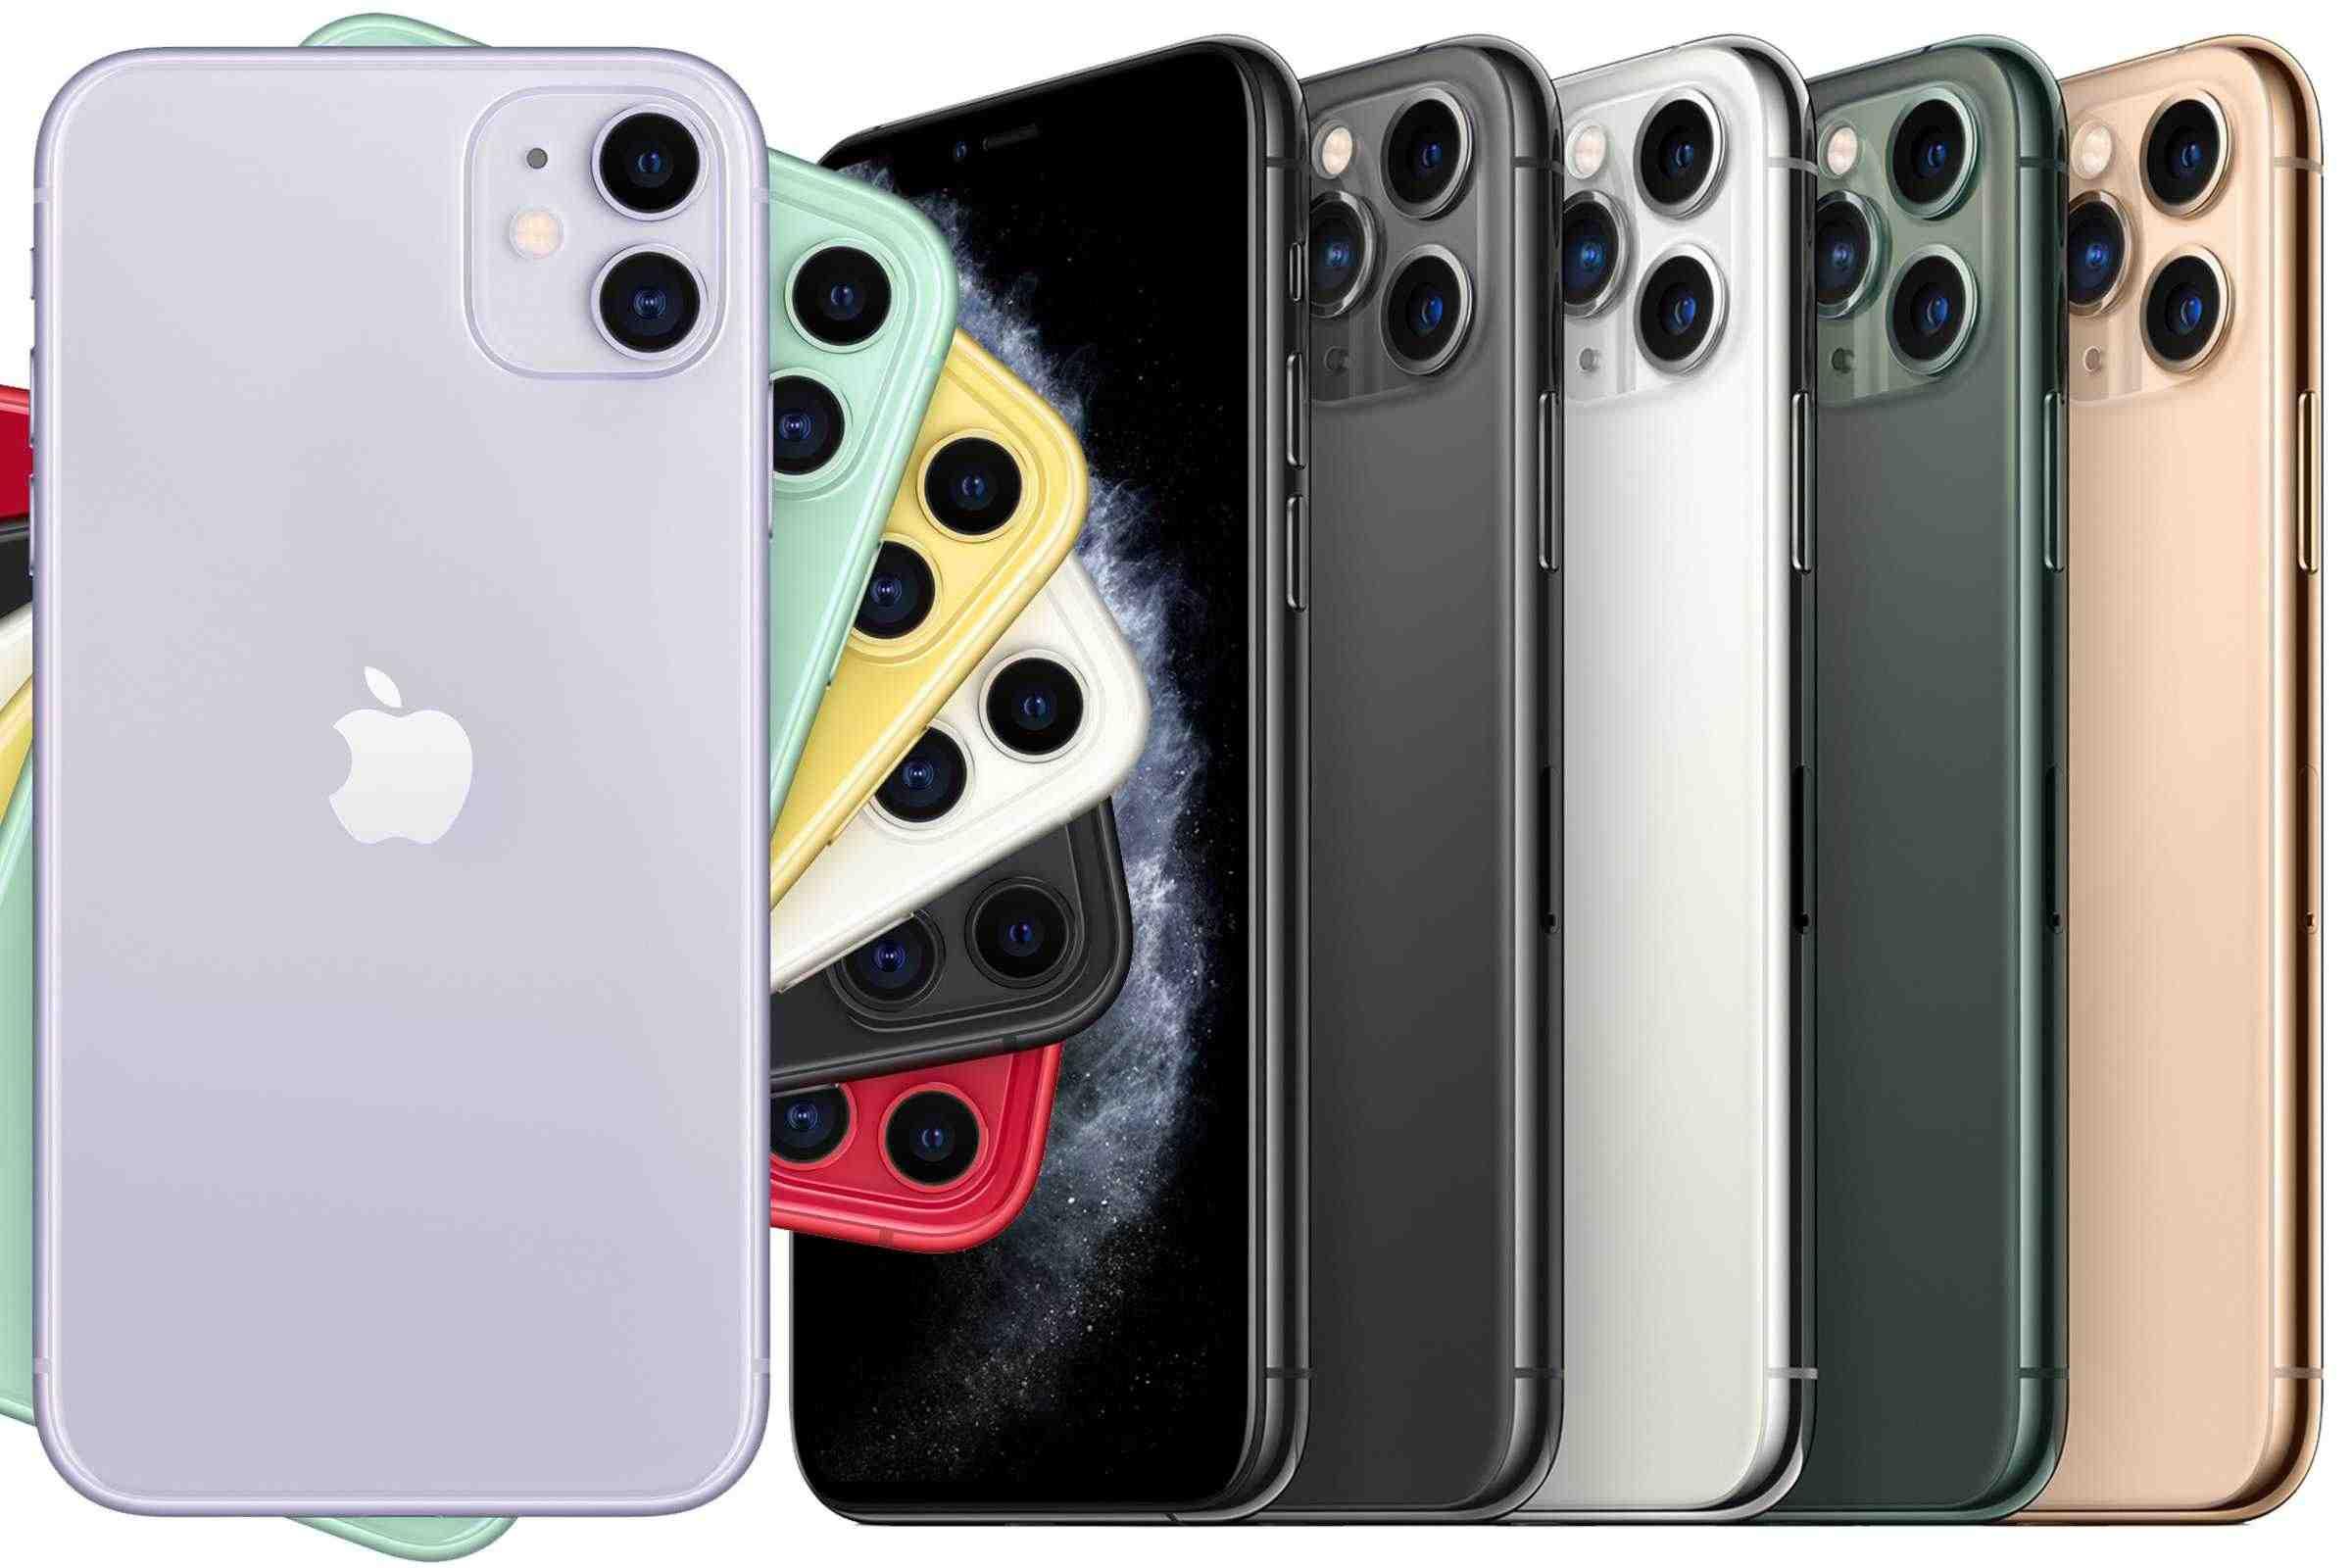 Iphone 11 pro max vs iphone 11